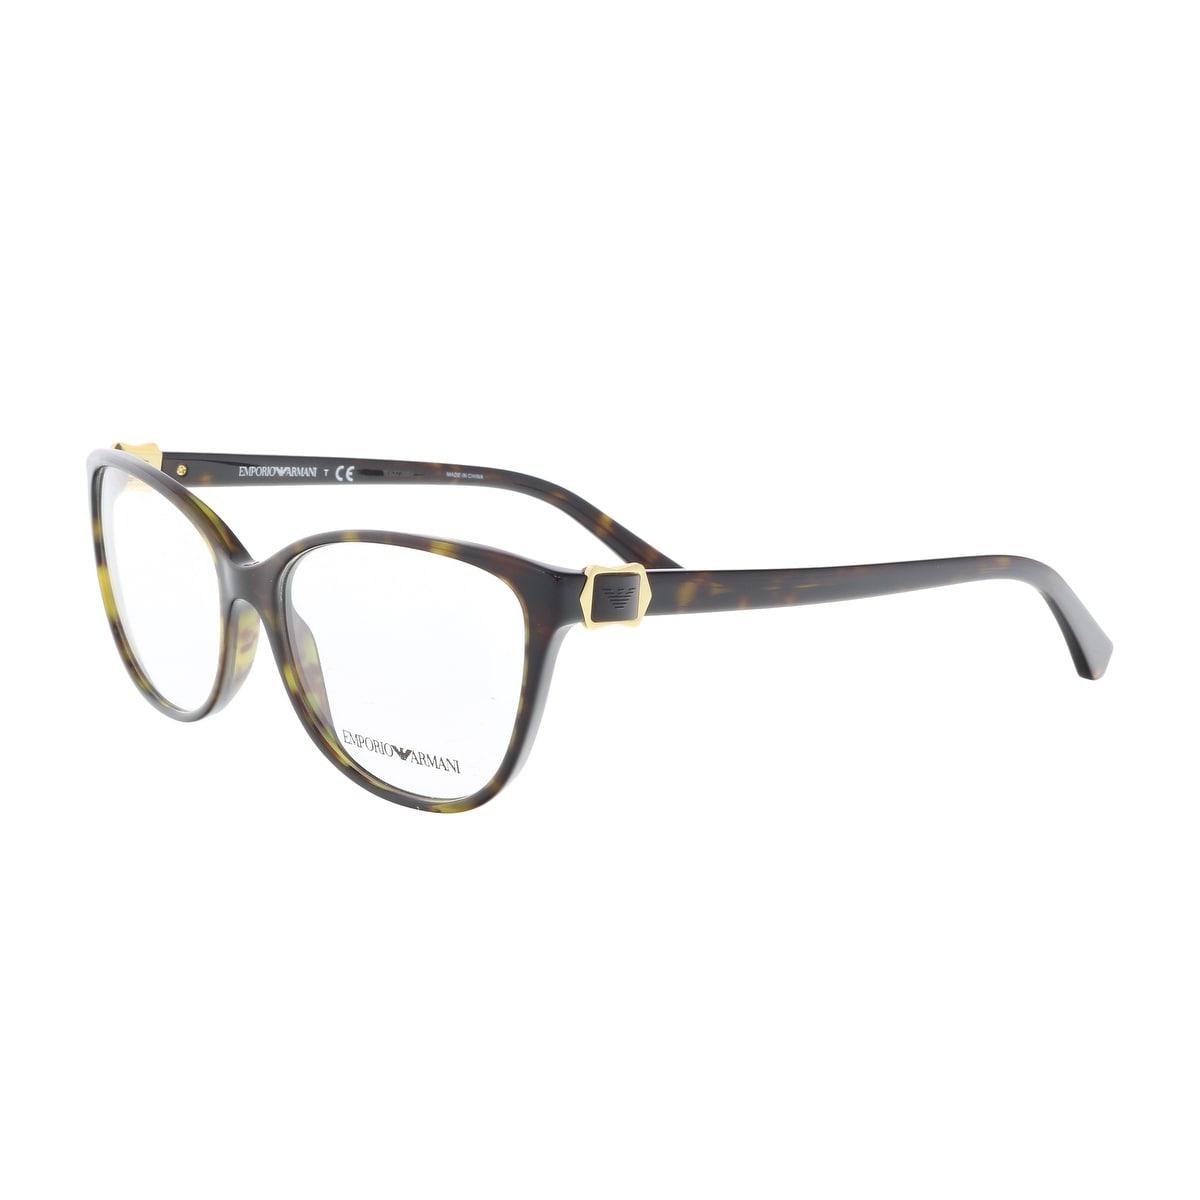 Shop Emporio Armani EA3077 5026 54 Dark Havana Round Optical Frames ...